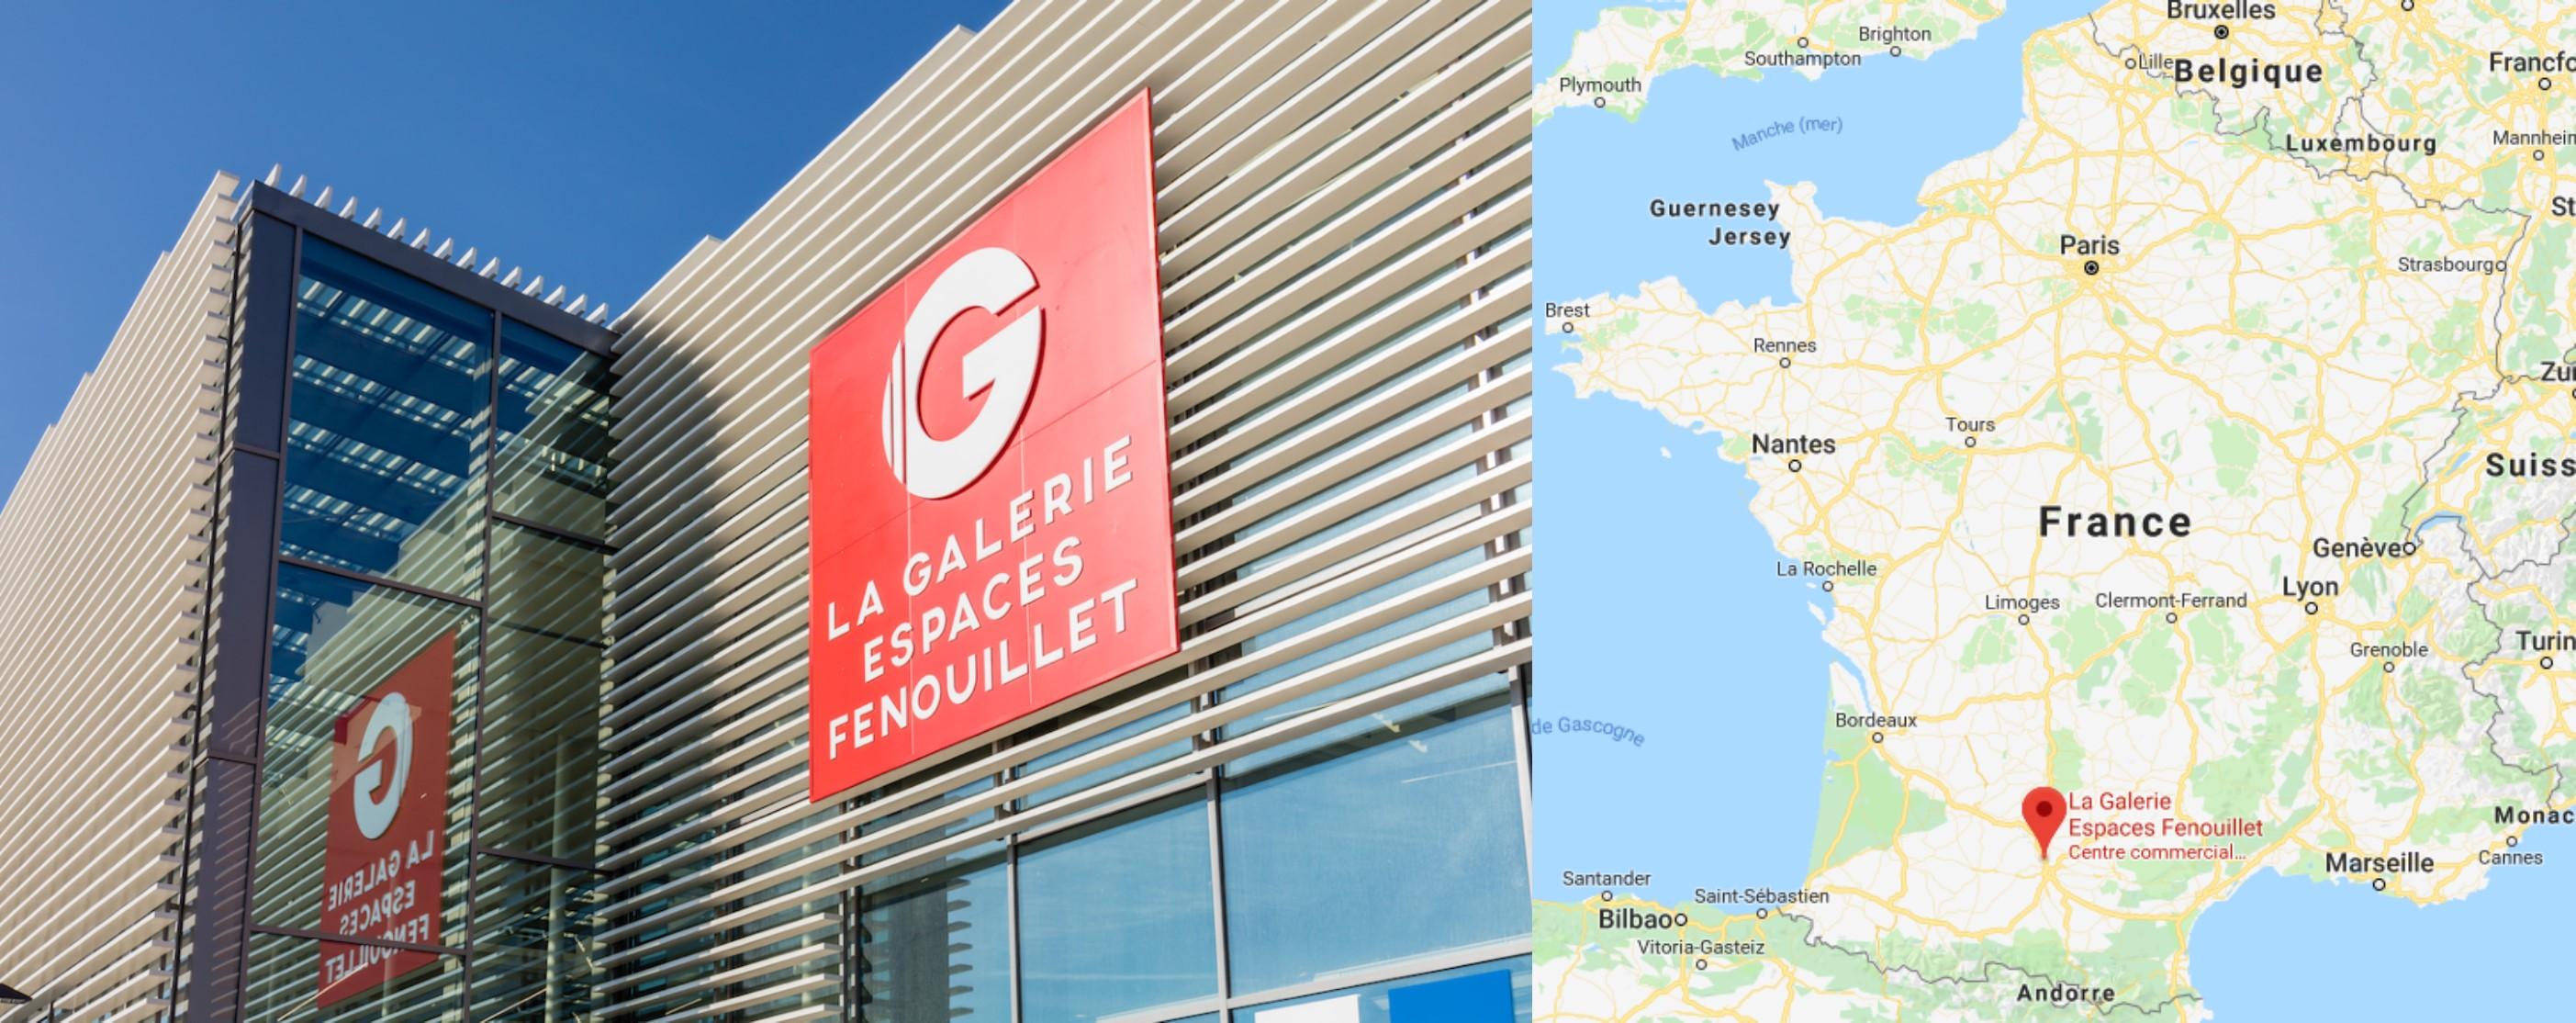 Centre commercial La Galerie Espaces Fenouillet